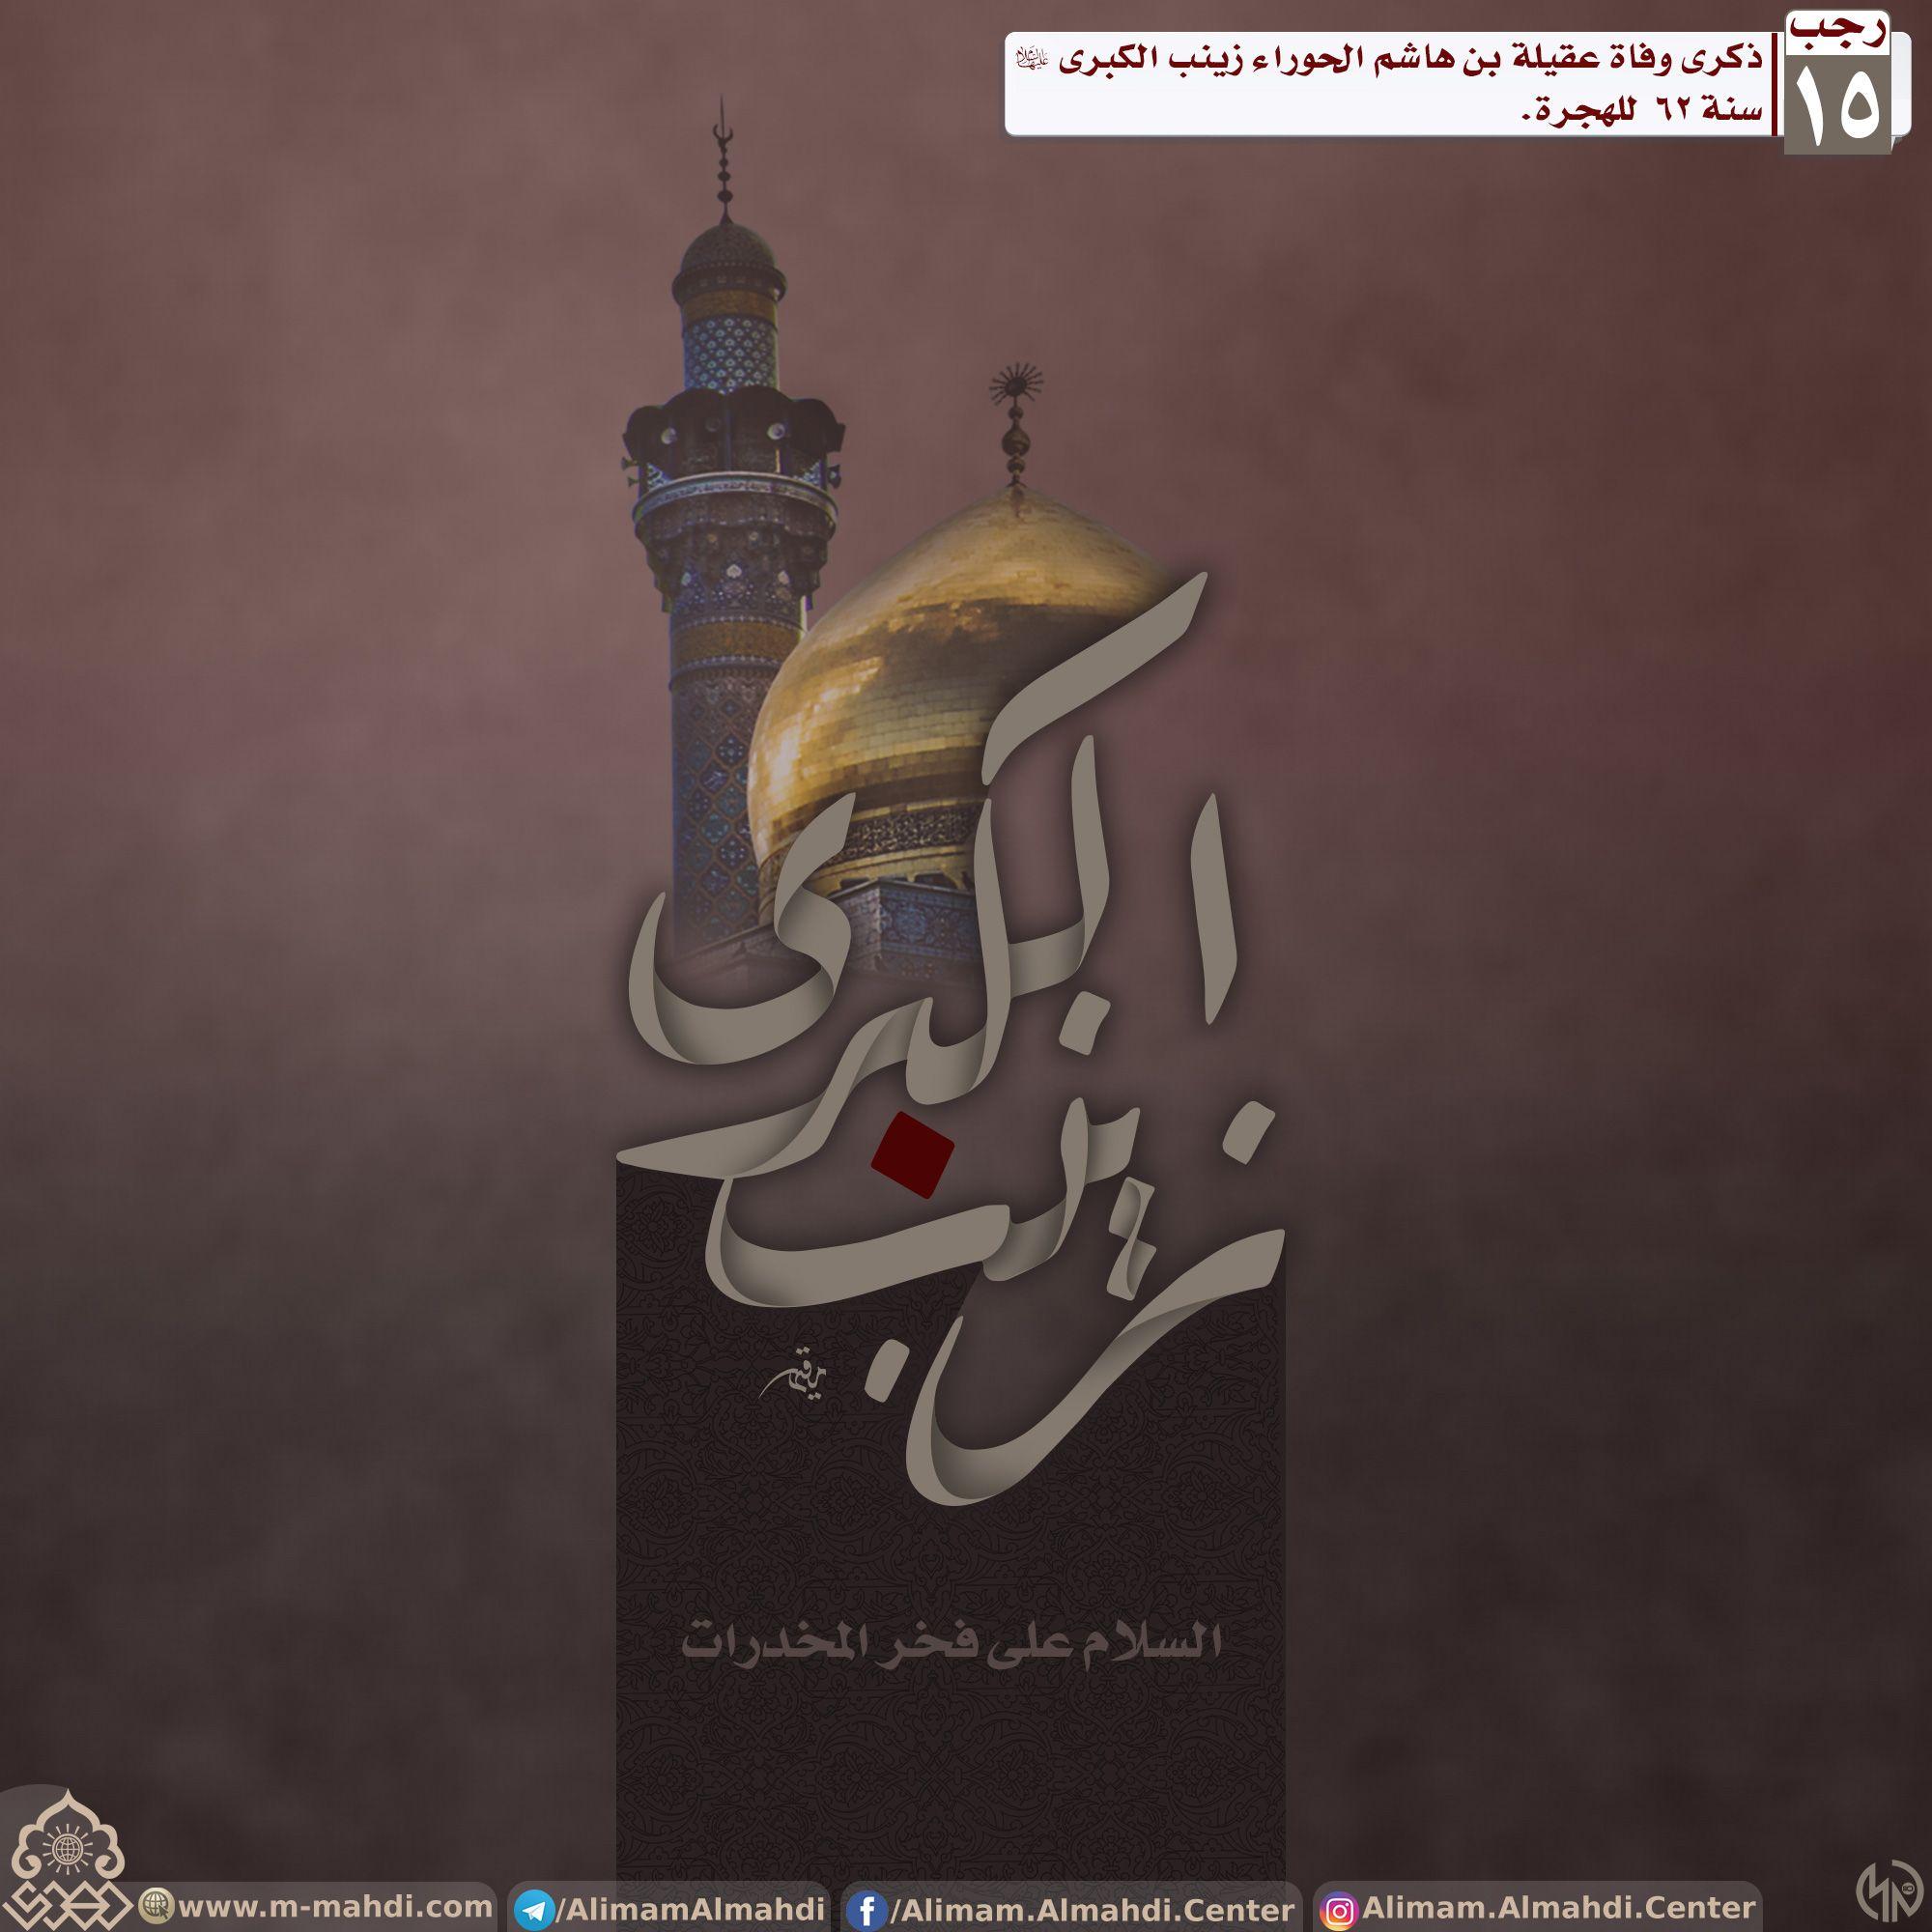 ذكرى وفاة عقيلة بني هاشم الحوراء زينب الكبرى عليها السلام Islamic Pictures Shia Muslim Islam